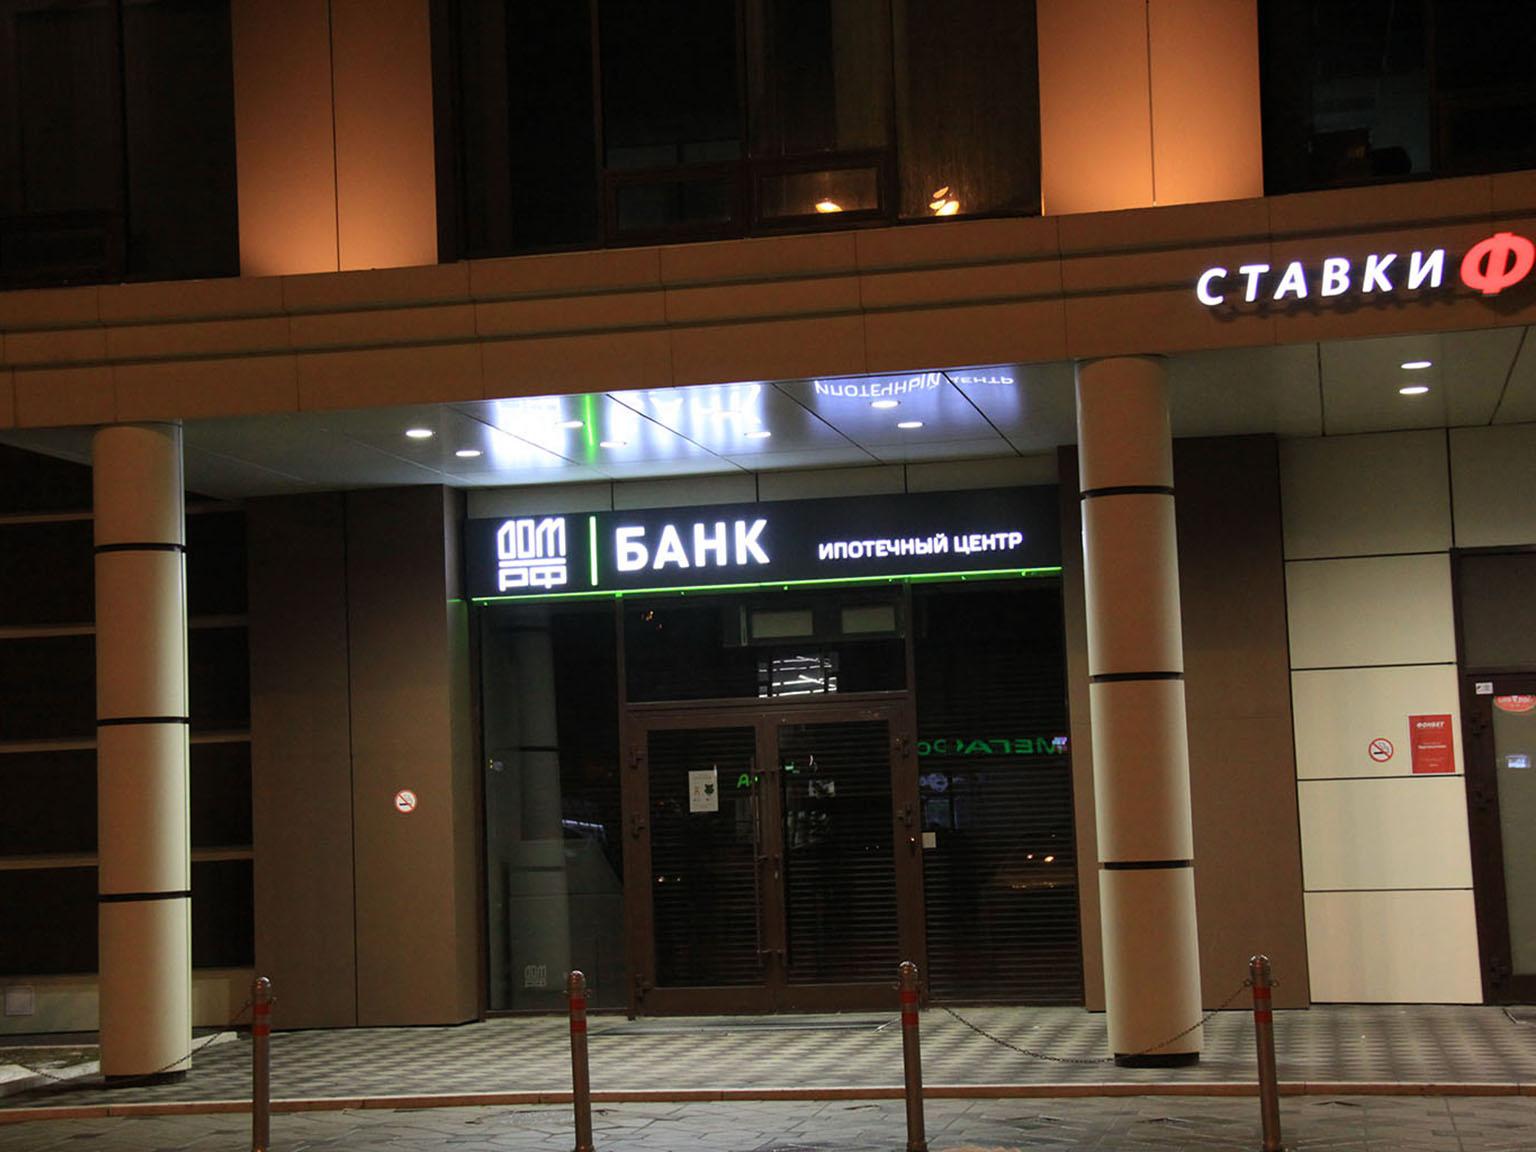 Банк «Дом.РФ», фасадная вывеска''ипотечный центр''